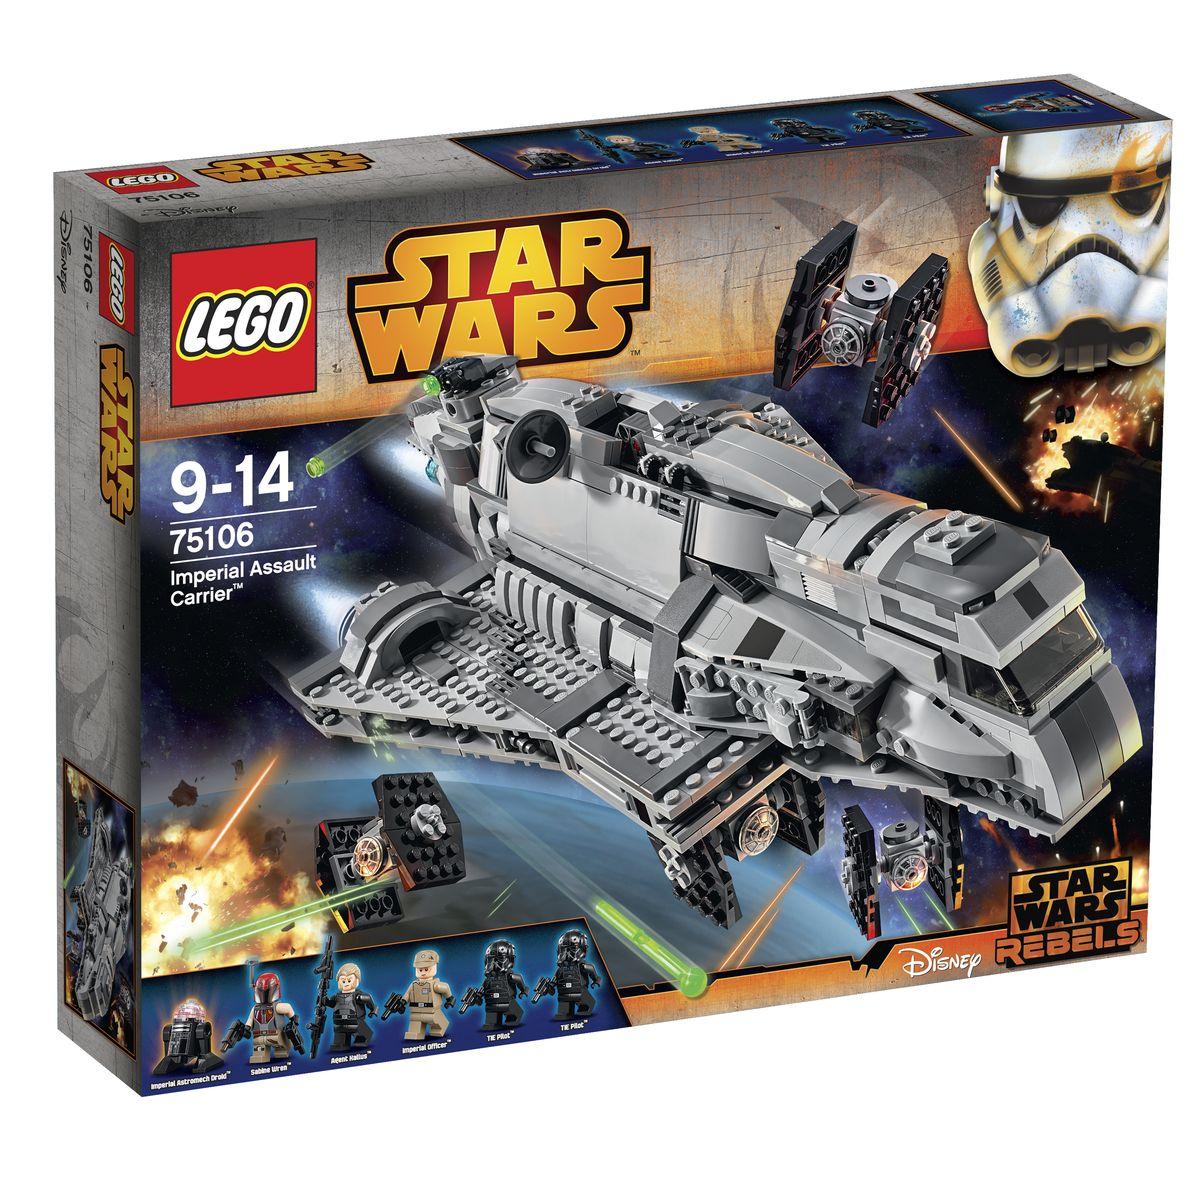 LEGO Star Wars Конструктор Имперский десантный корабль 75106